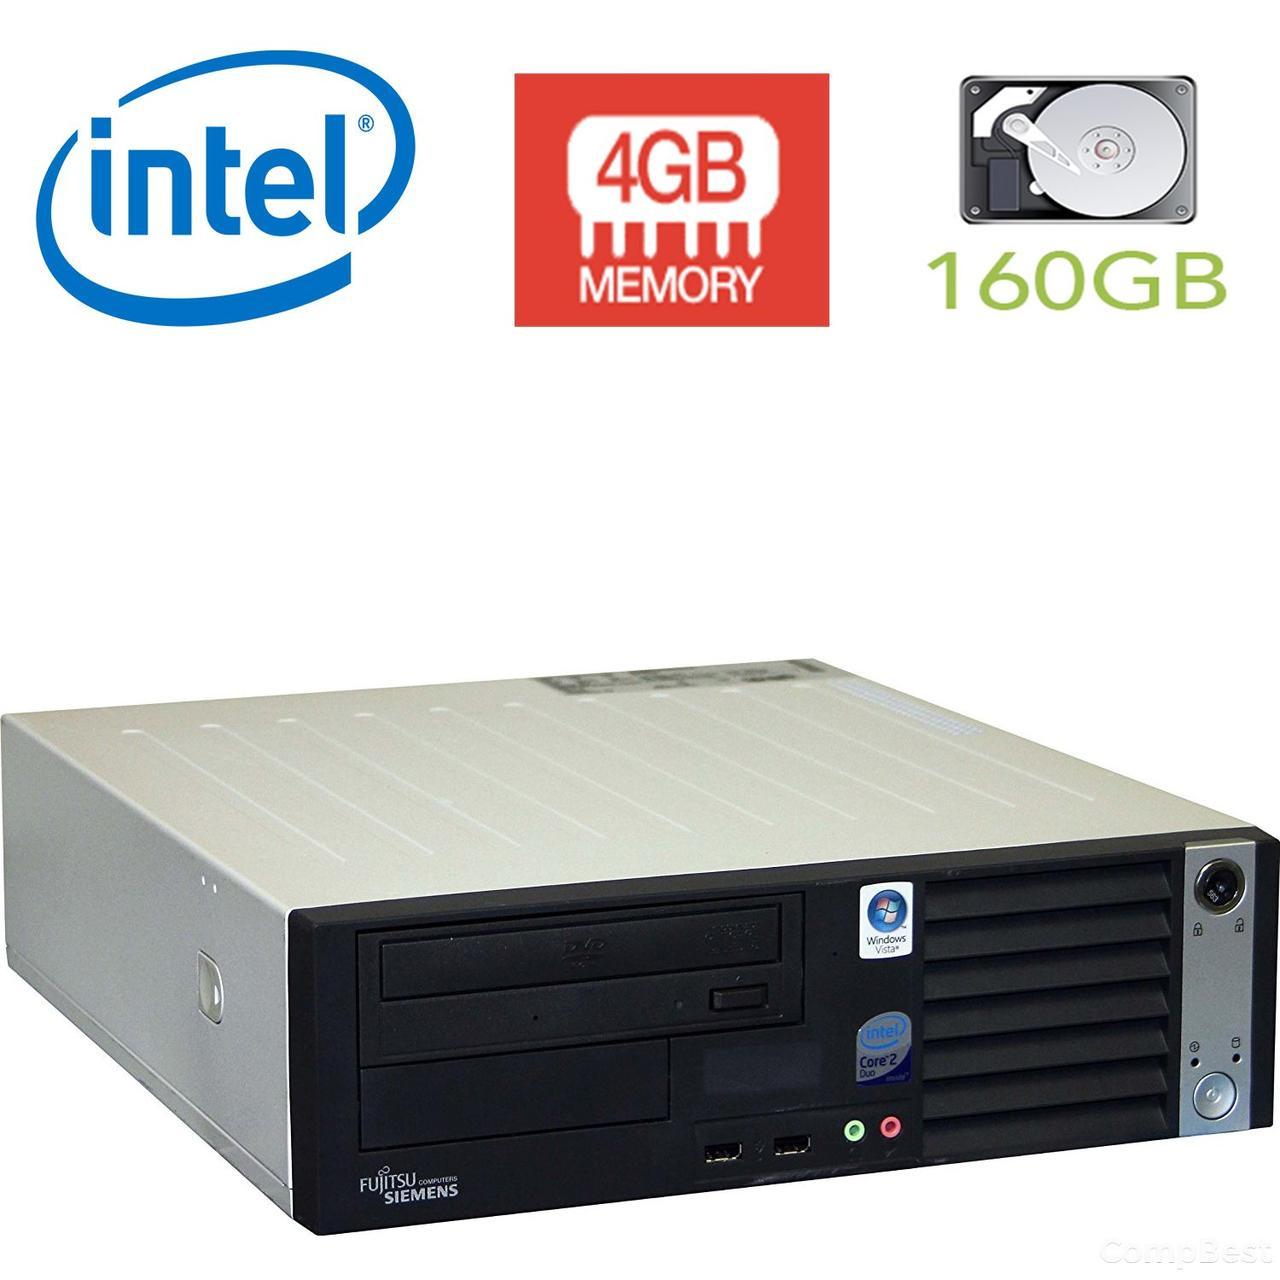 Fujitsu-Siemens Esprimo E5720 sff / Intel Pentium Dual-Core E6600 (2 ядра по 3.06GHz) / 4GB DDR2 / 160 GB HDD